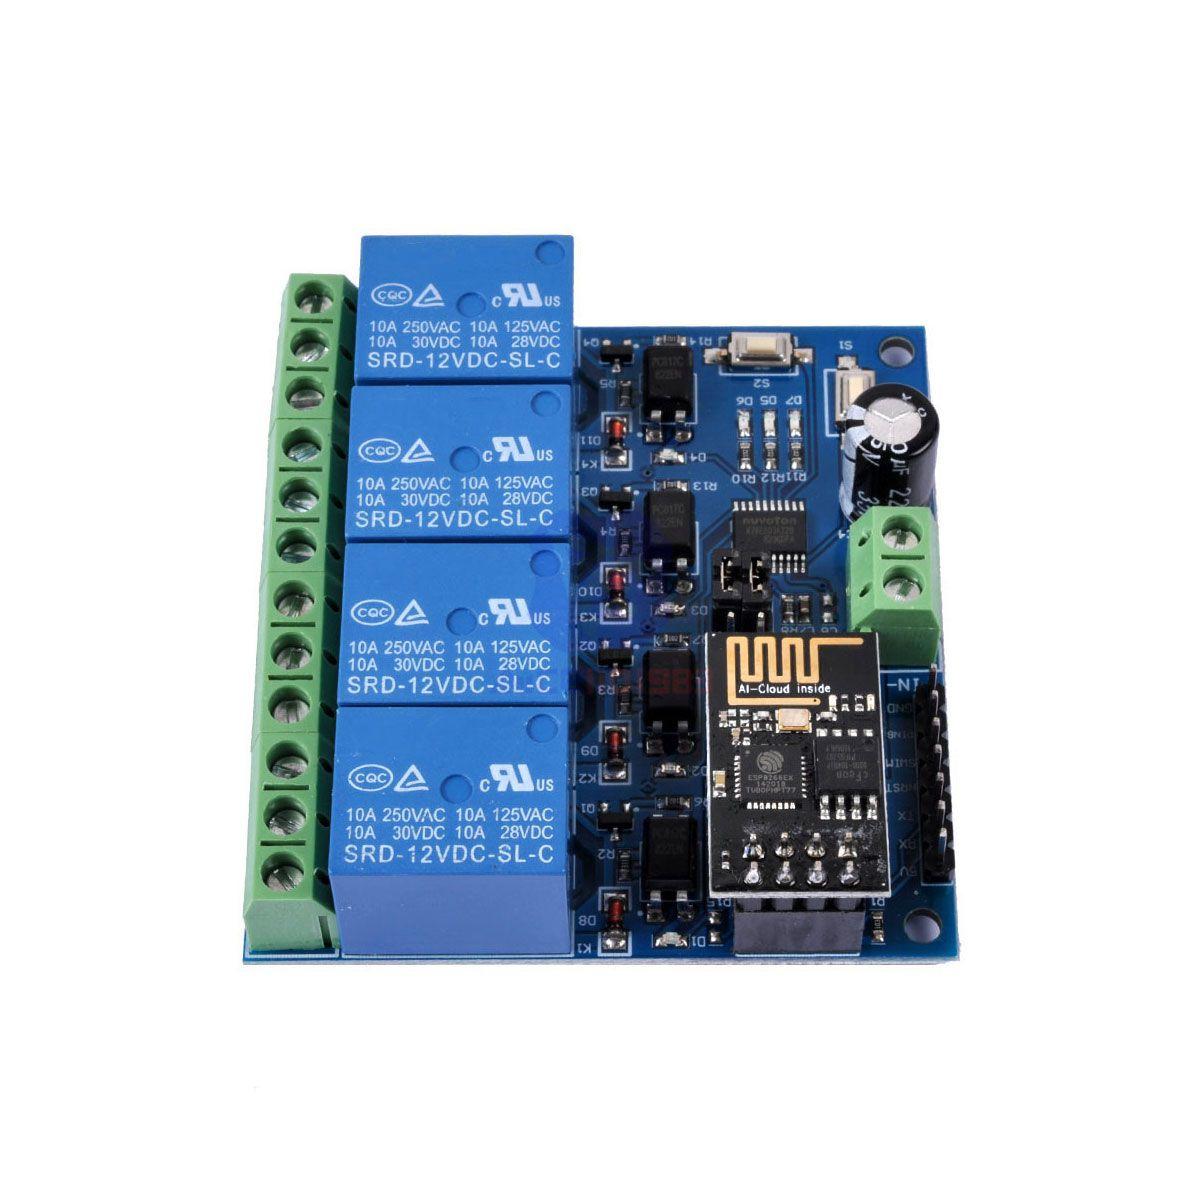 Modulo Relê Wifi 4 Canais Esp8266 Esp01 Esp8266 Esp-01 Wi-fi